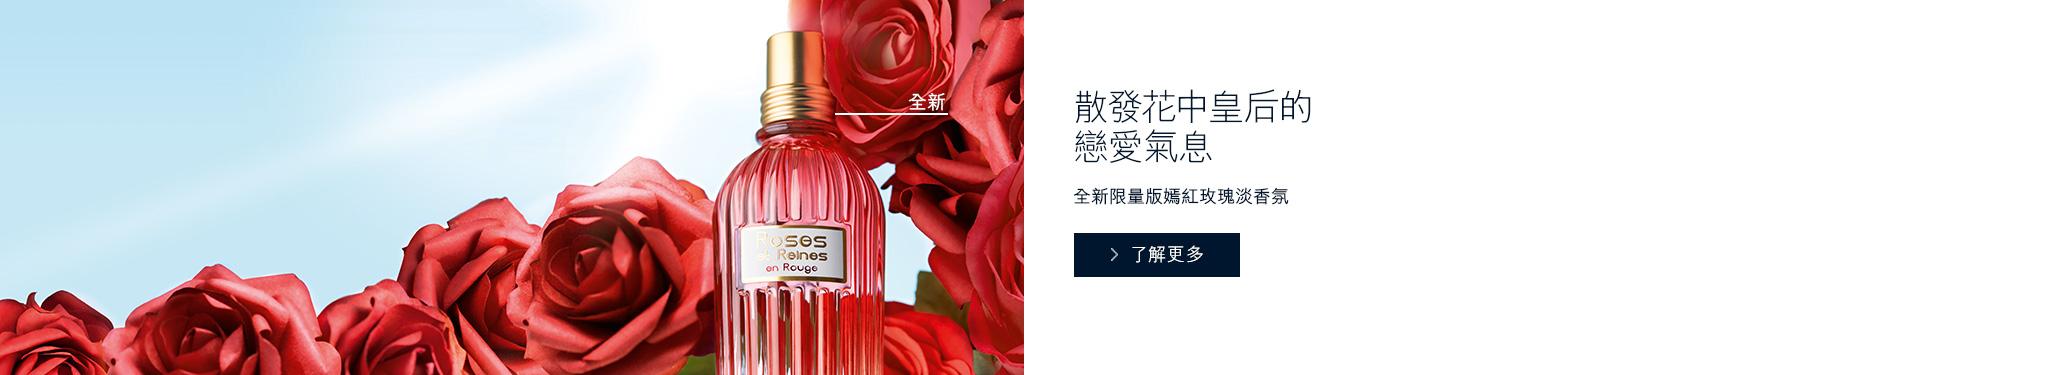 嫣紅玫瑰淡香氛